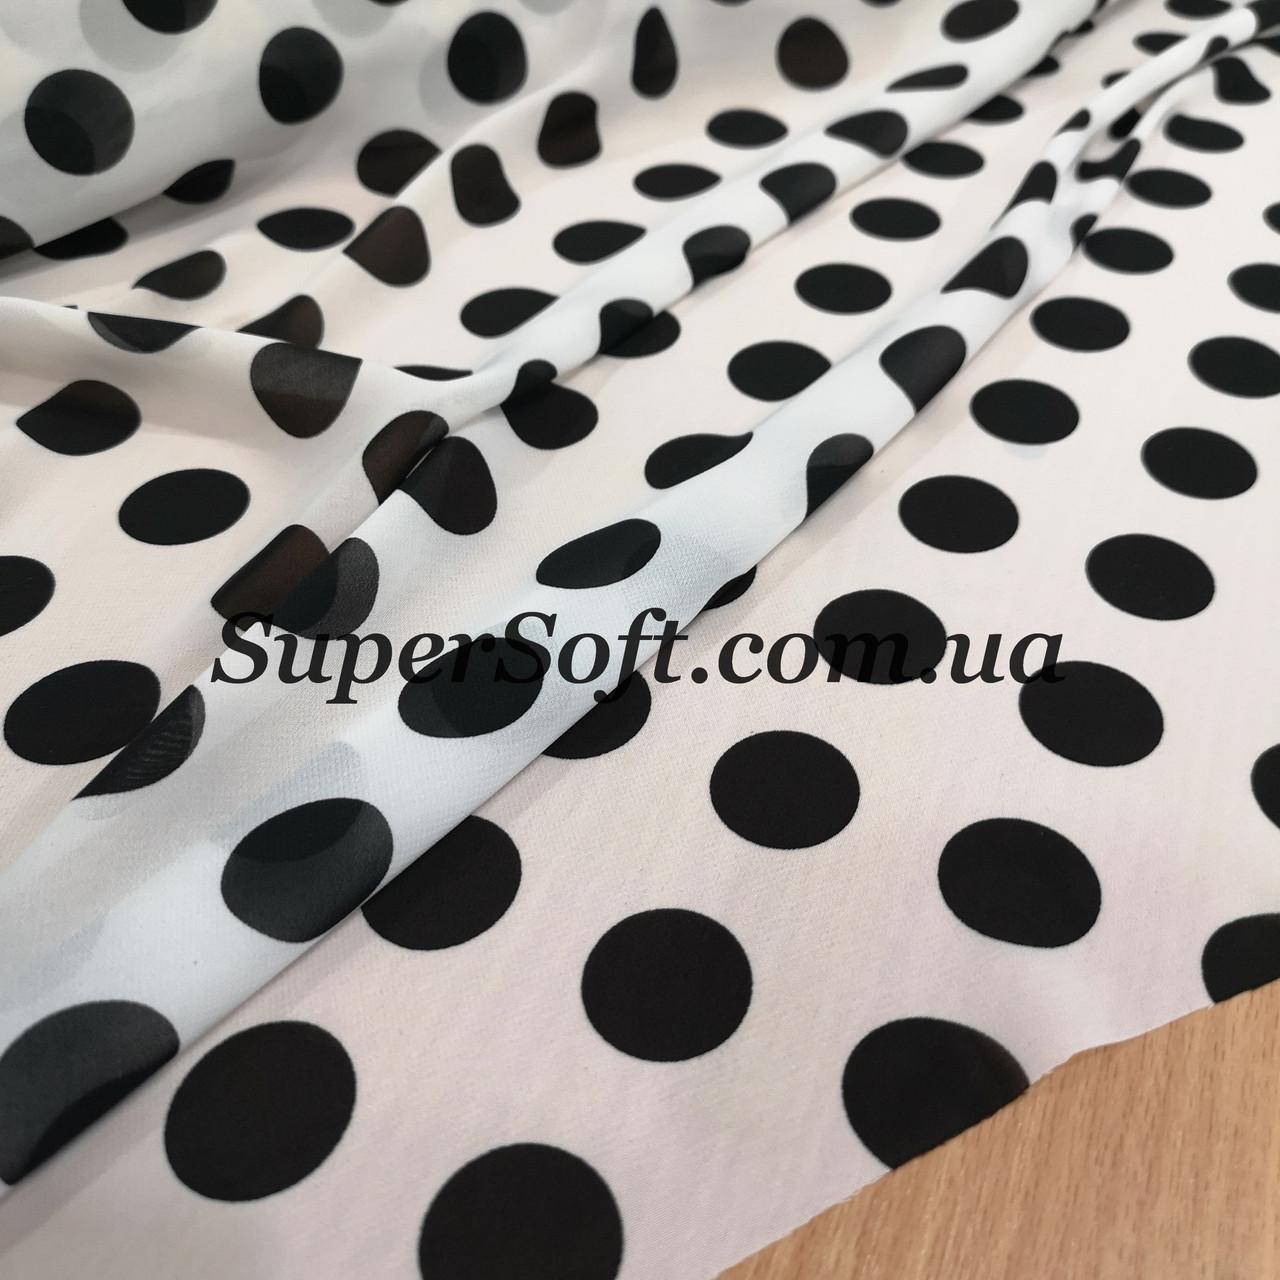 Ткань шифон принт крупный горох черный на белом, фото 1